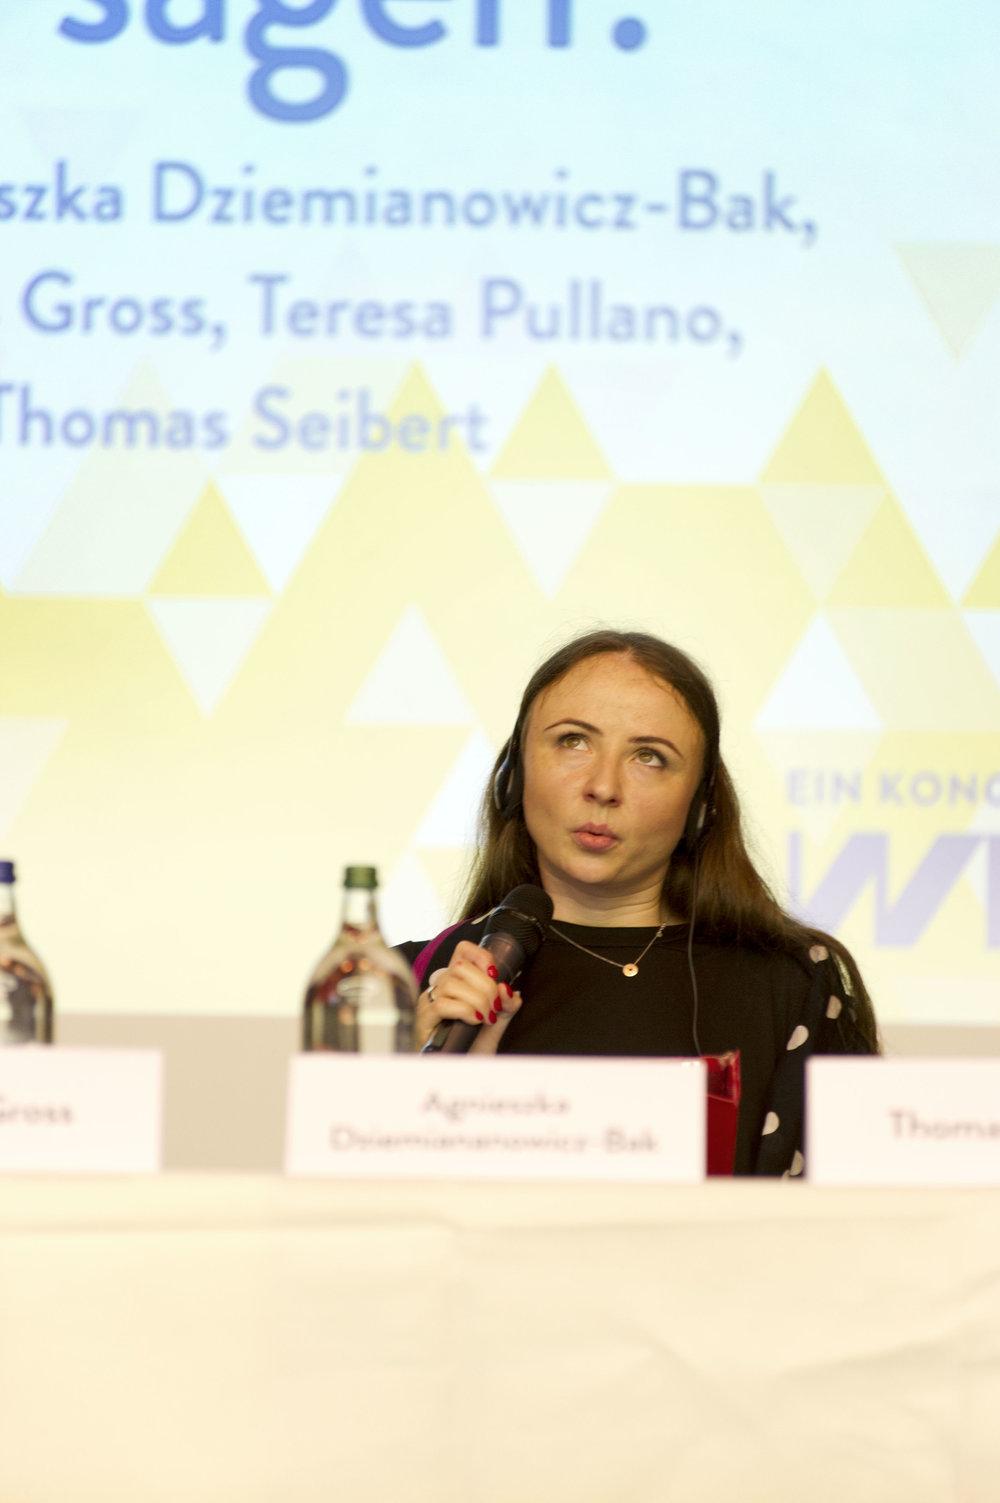 Europakongress_Podien_08.jpg